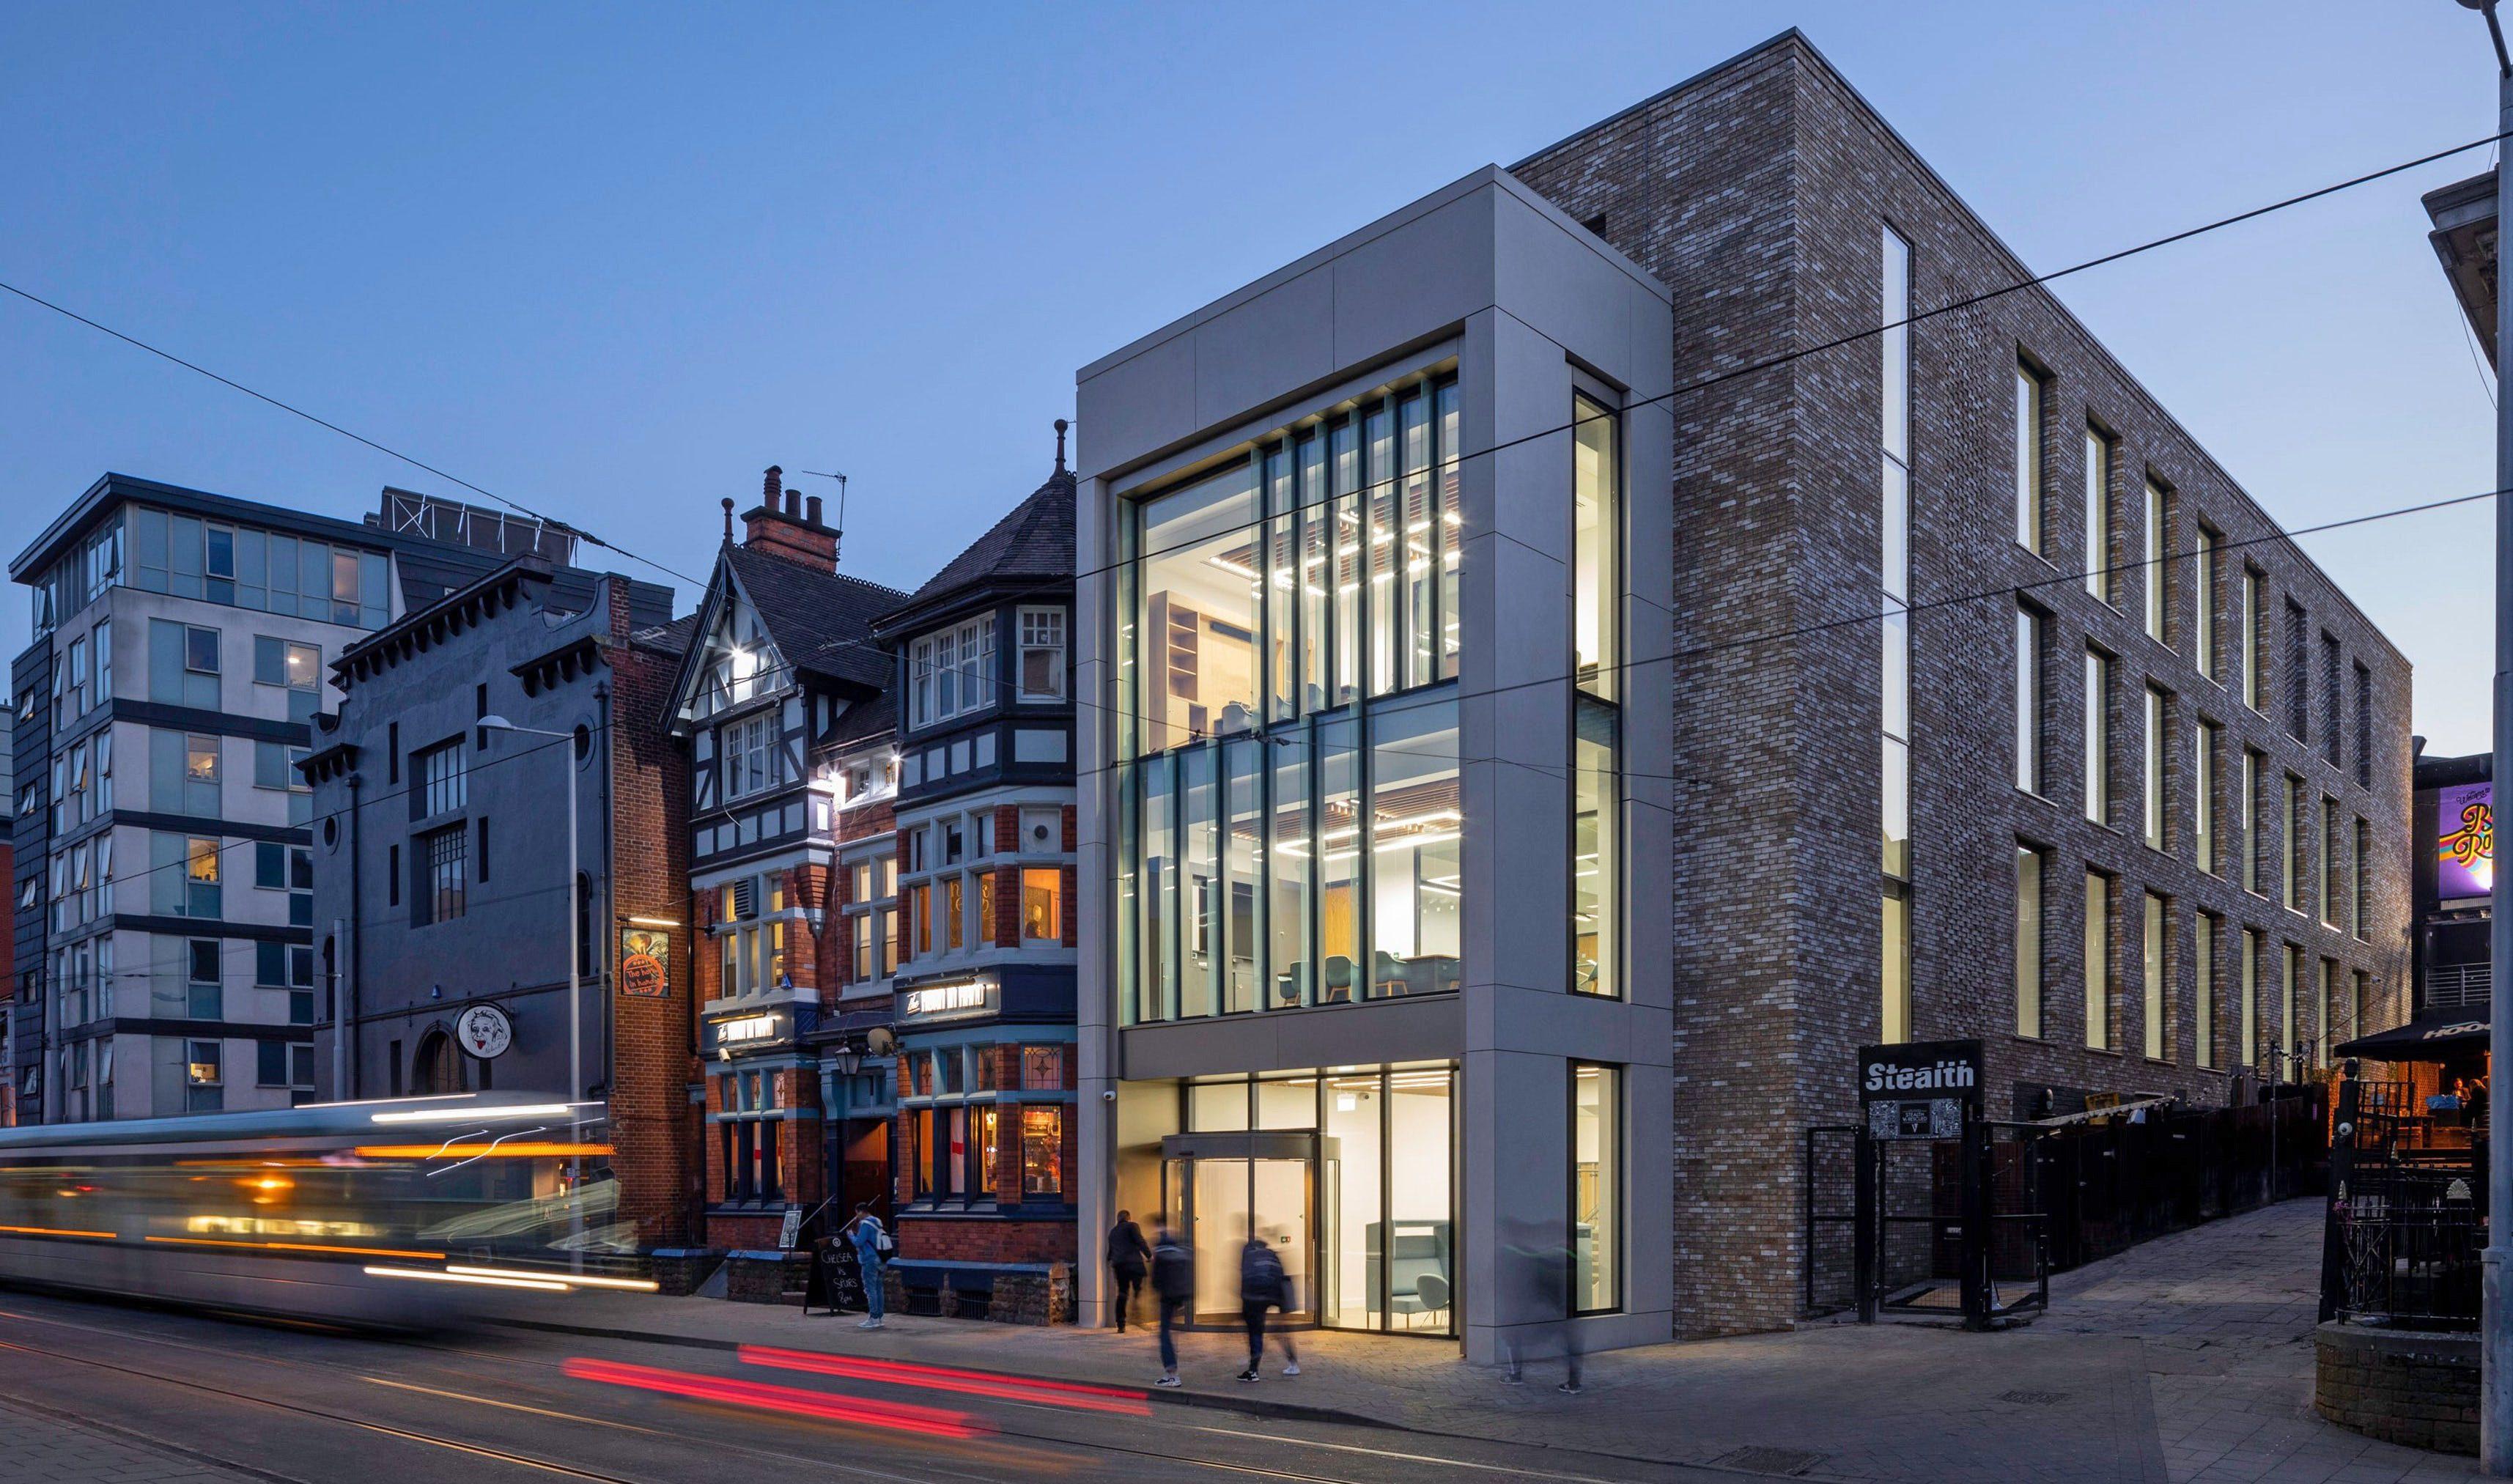 Nottingham Trent University, Goldsmith Street